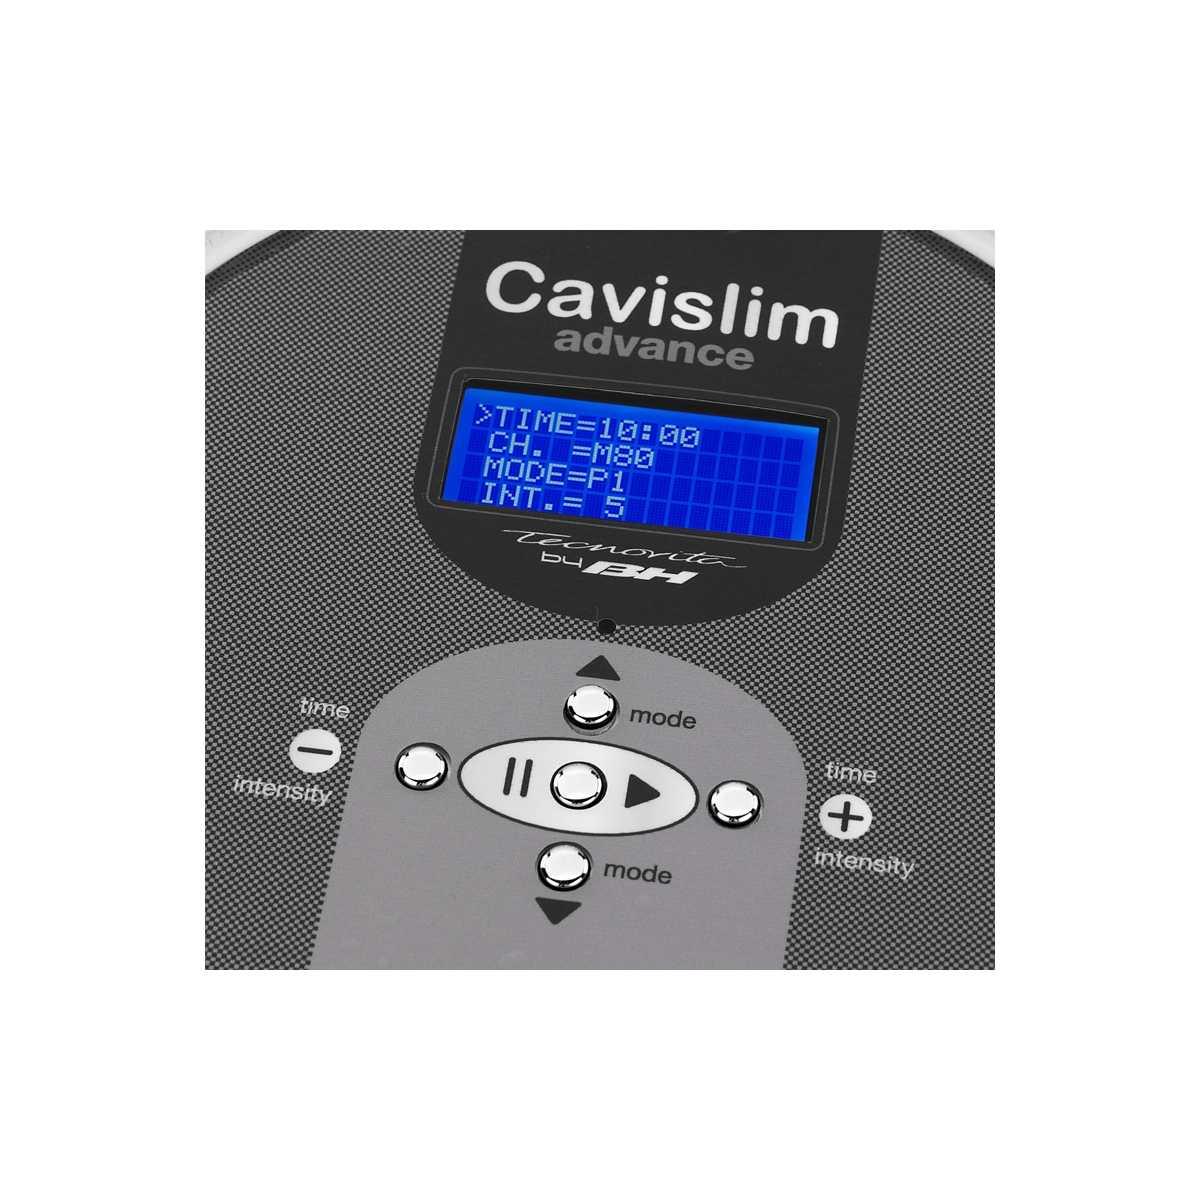 Cavitacion cavislim advance con doble manipulo y modo continuo y pulsado